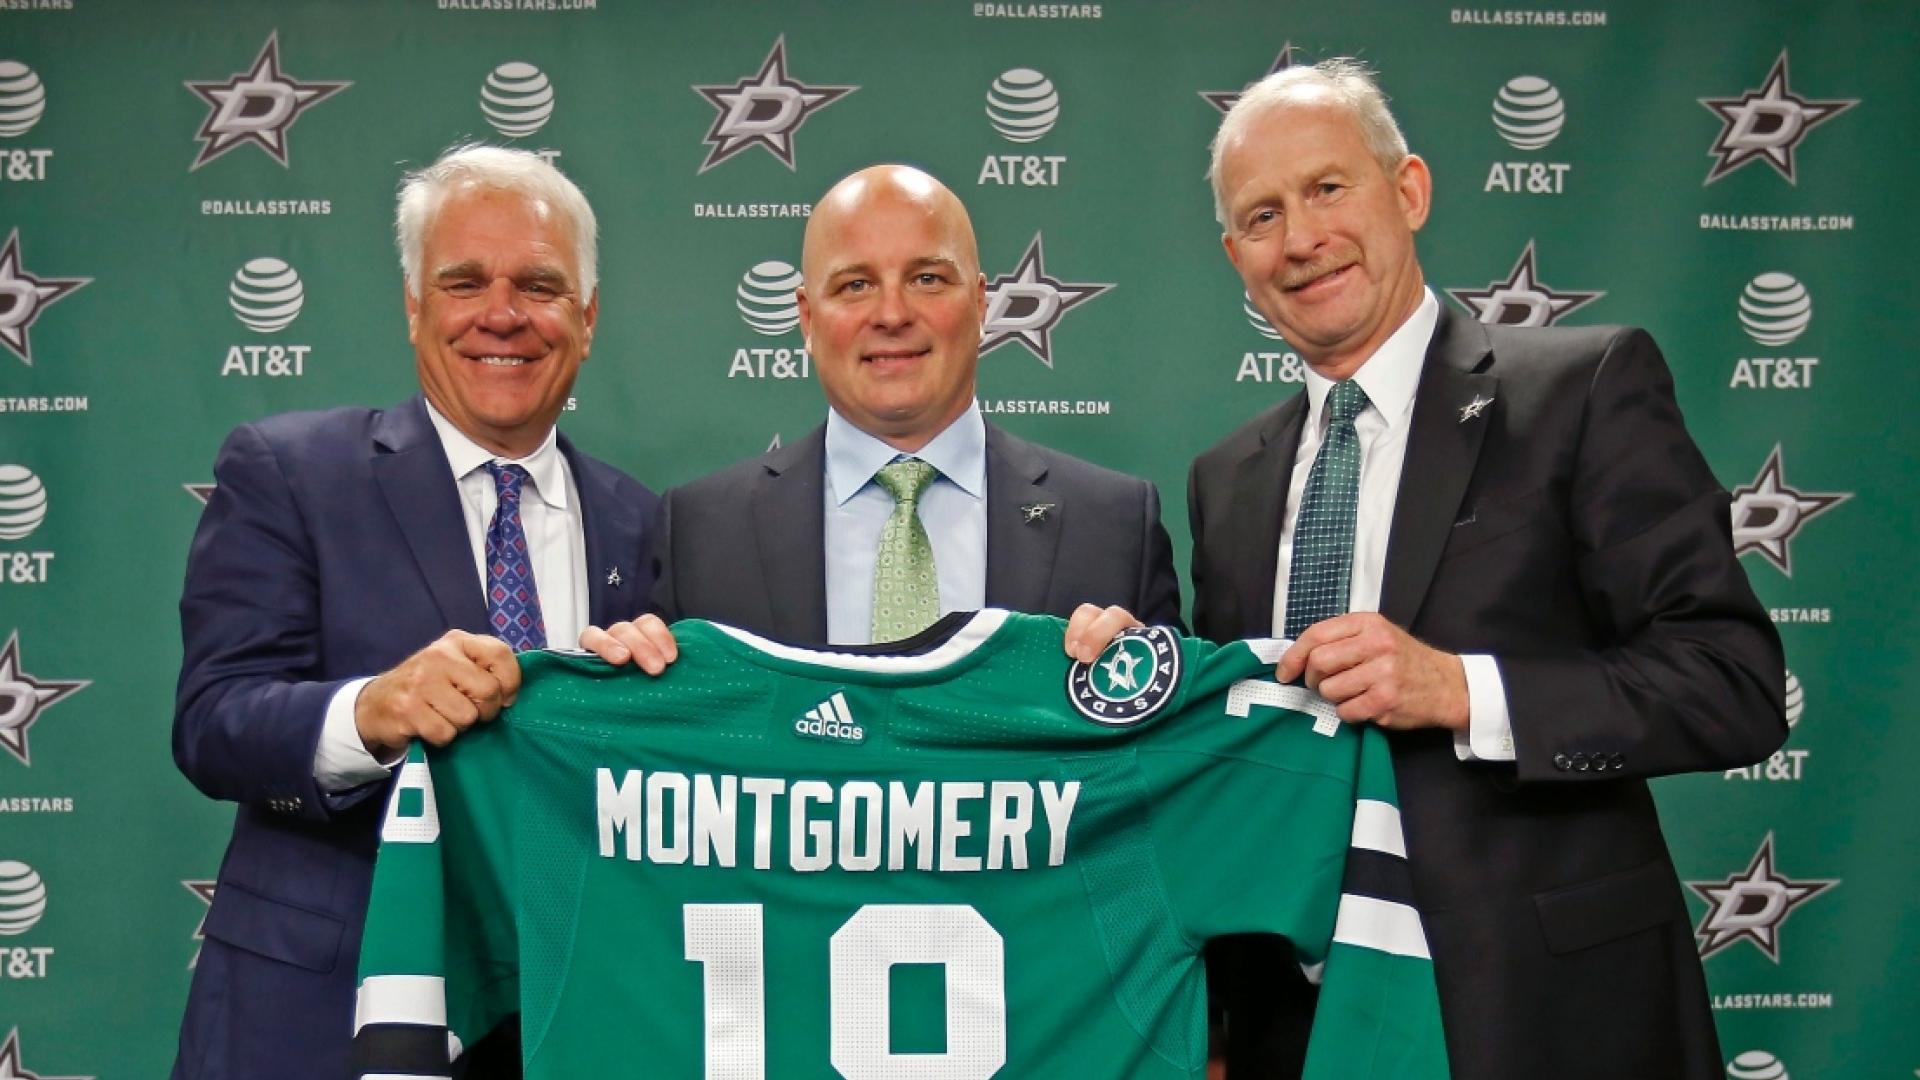 De gauche à droite : Jim Littes, Jim Montgomery et Jim Nill